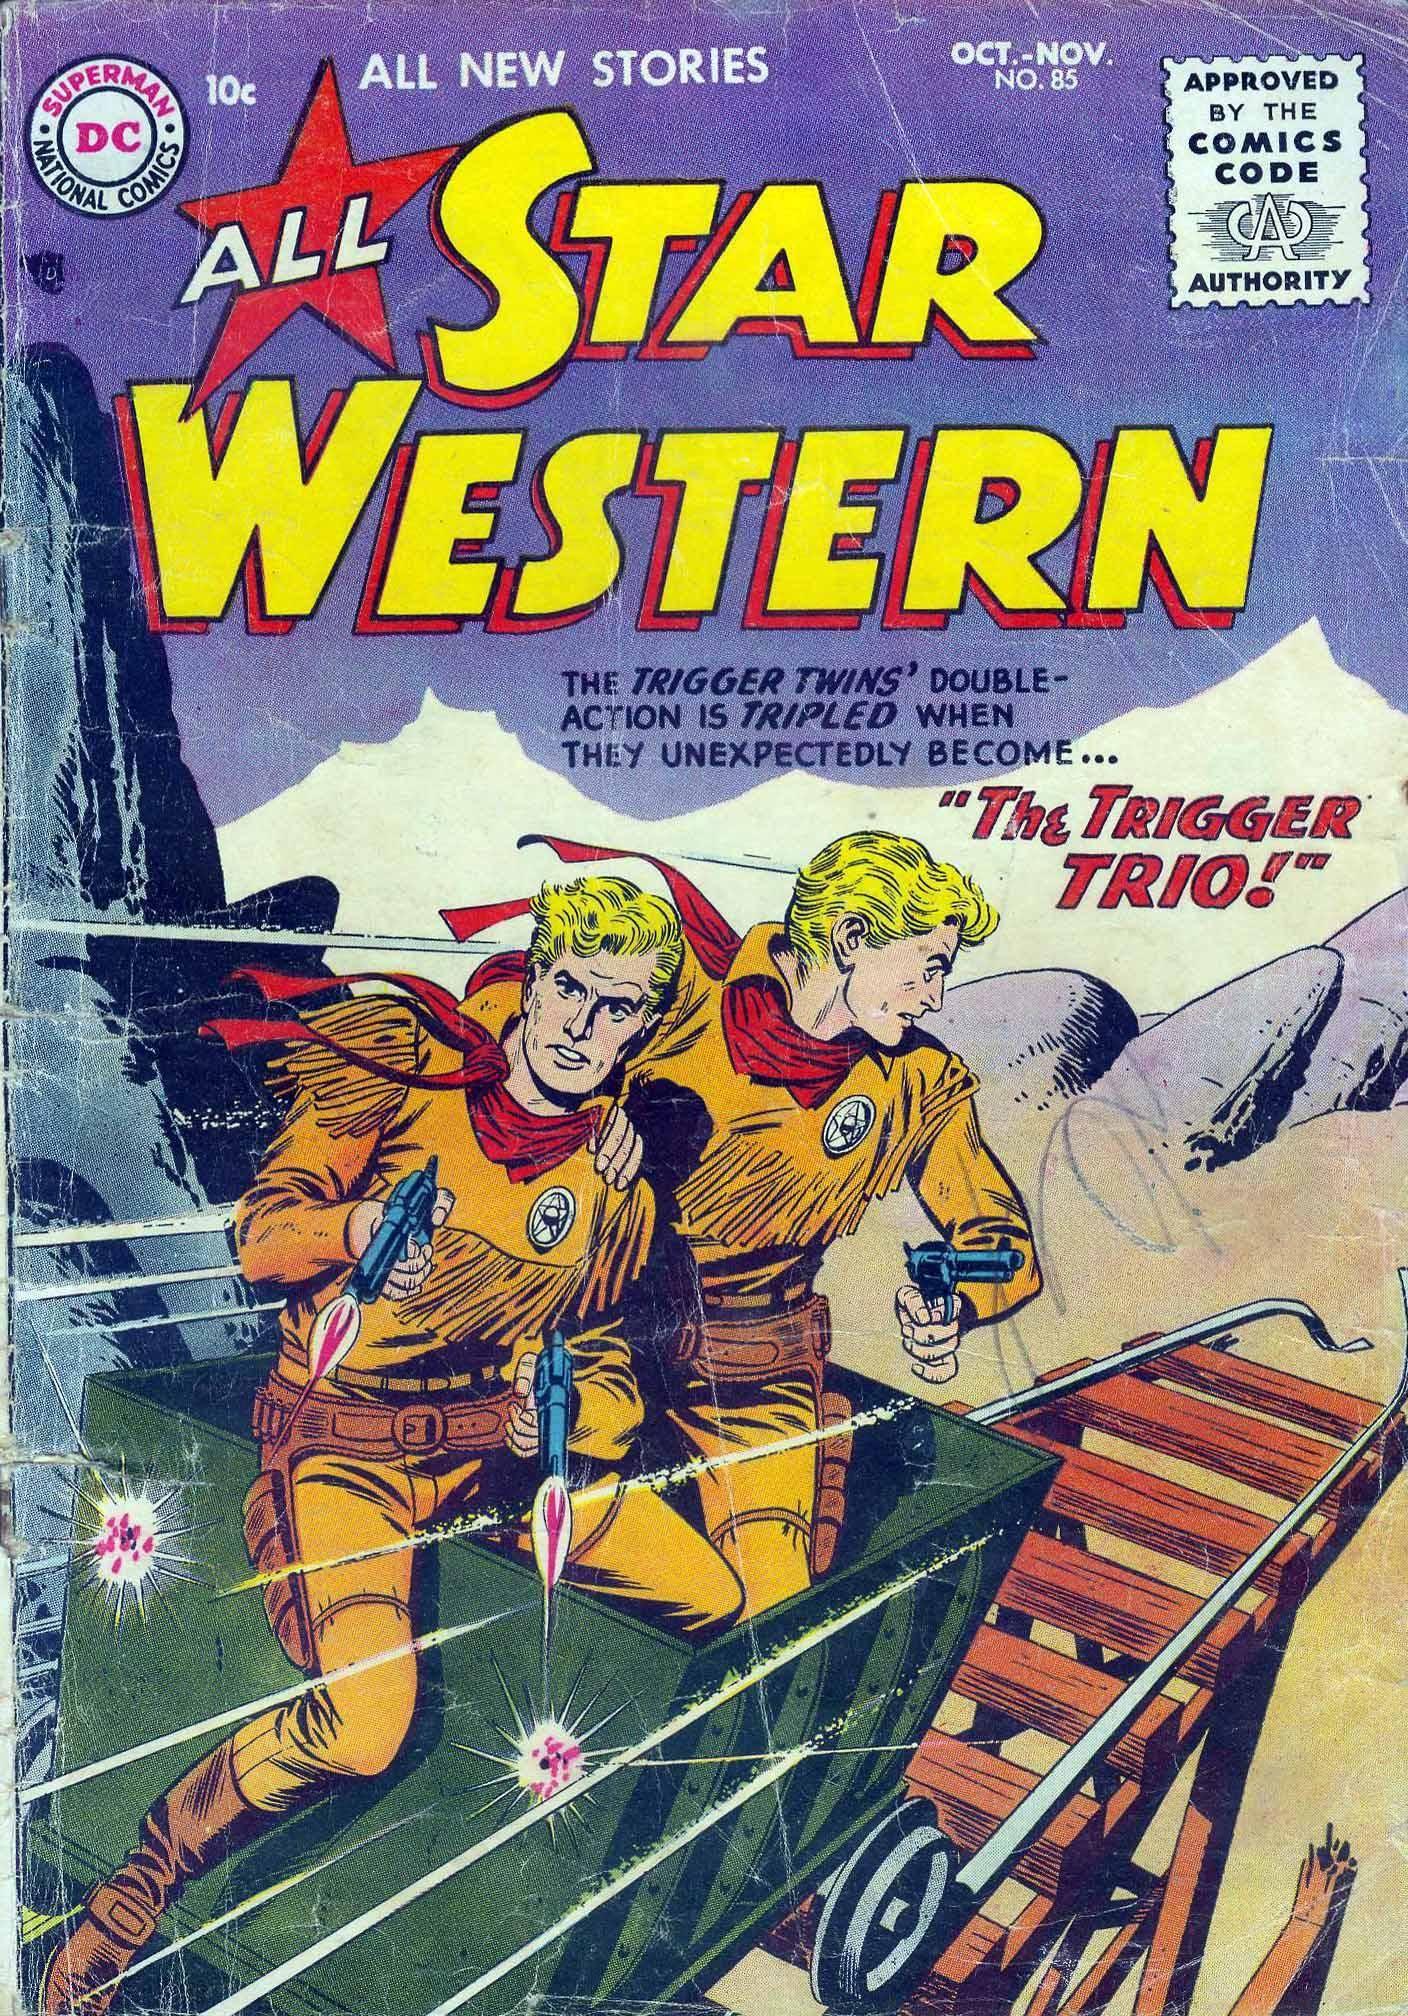 Star Western v1 085 1955